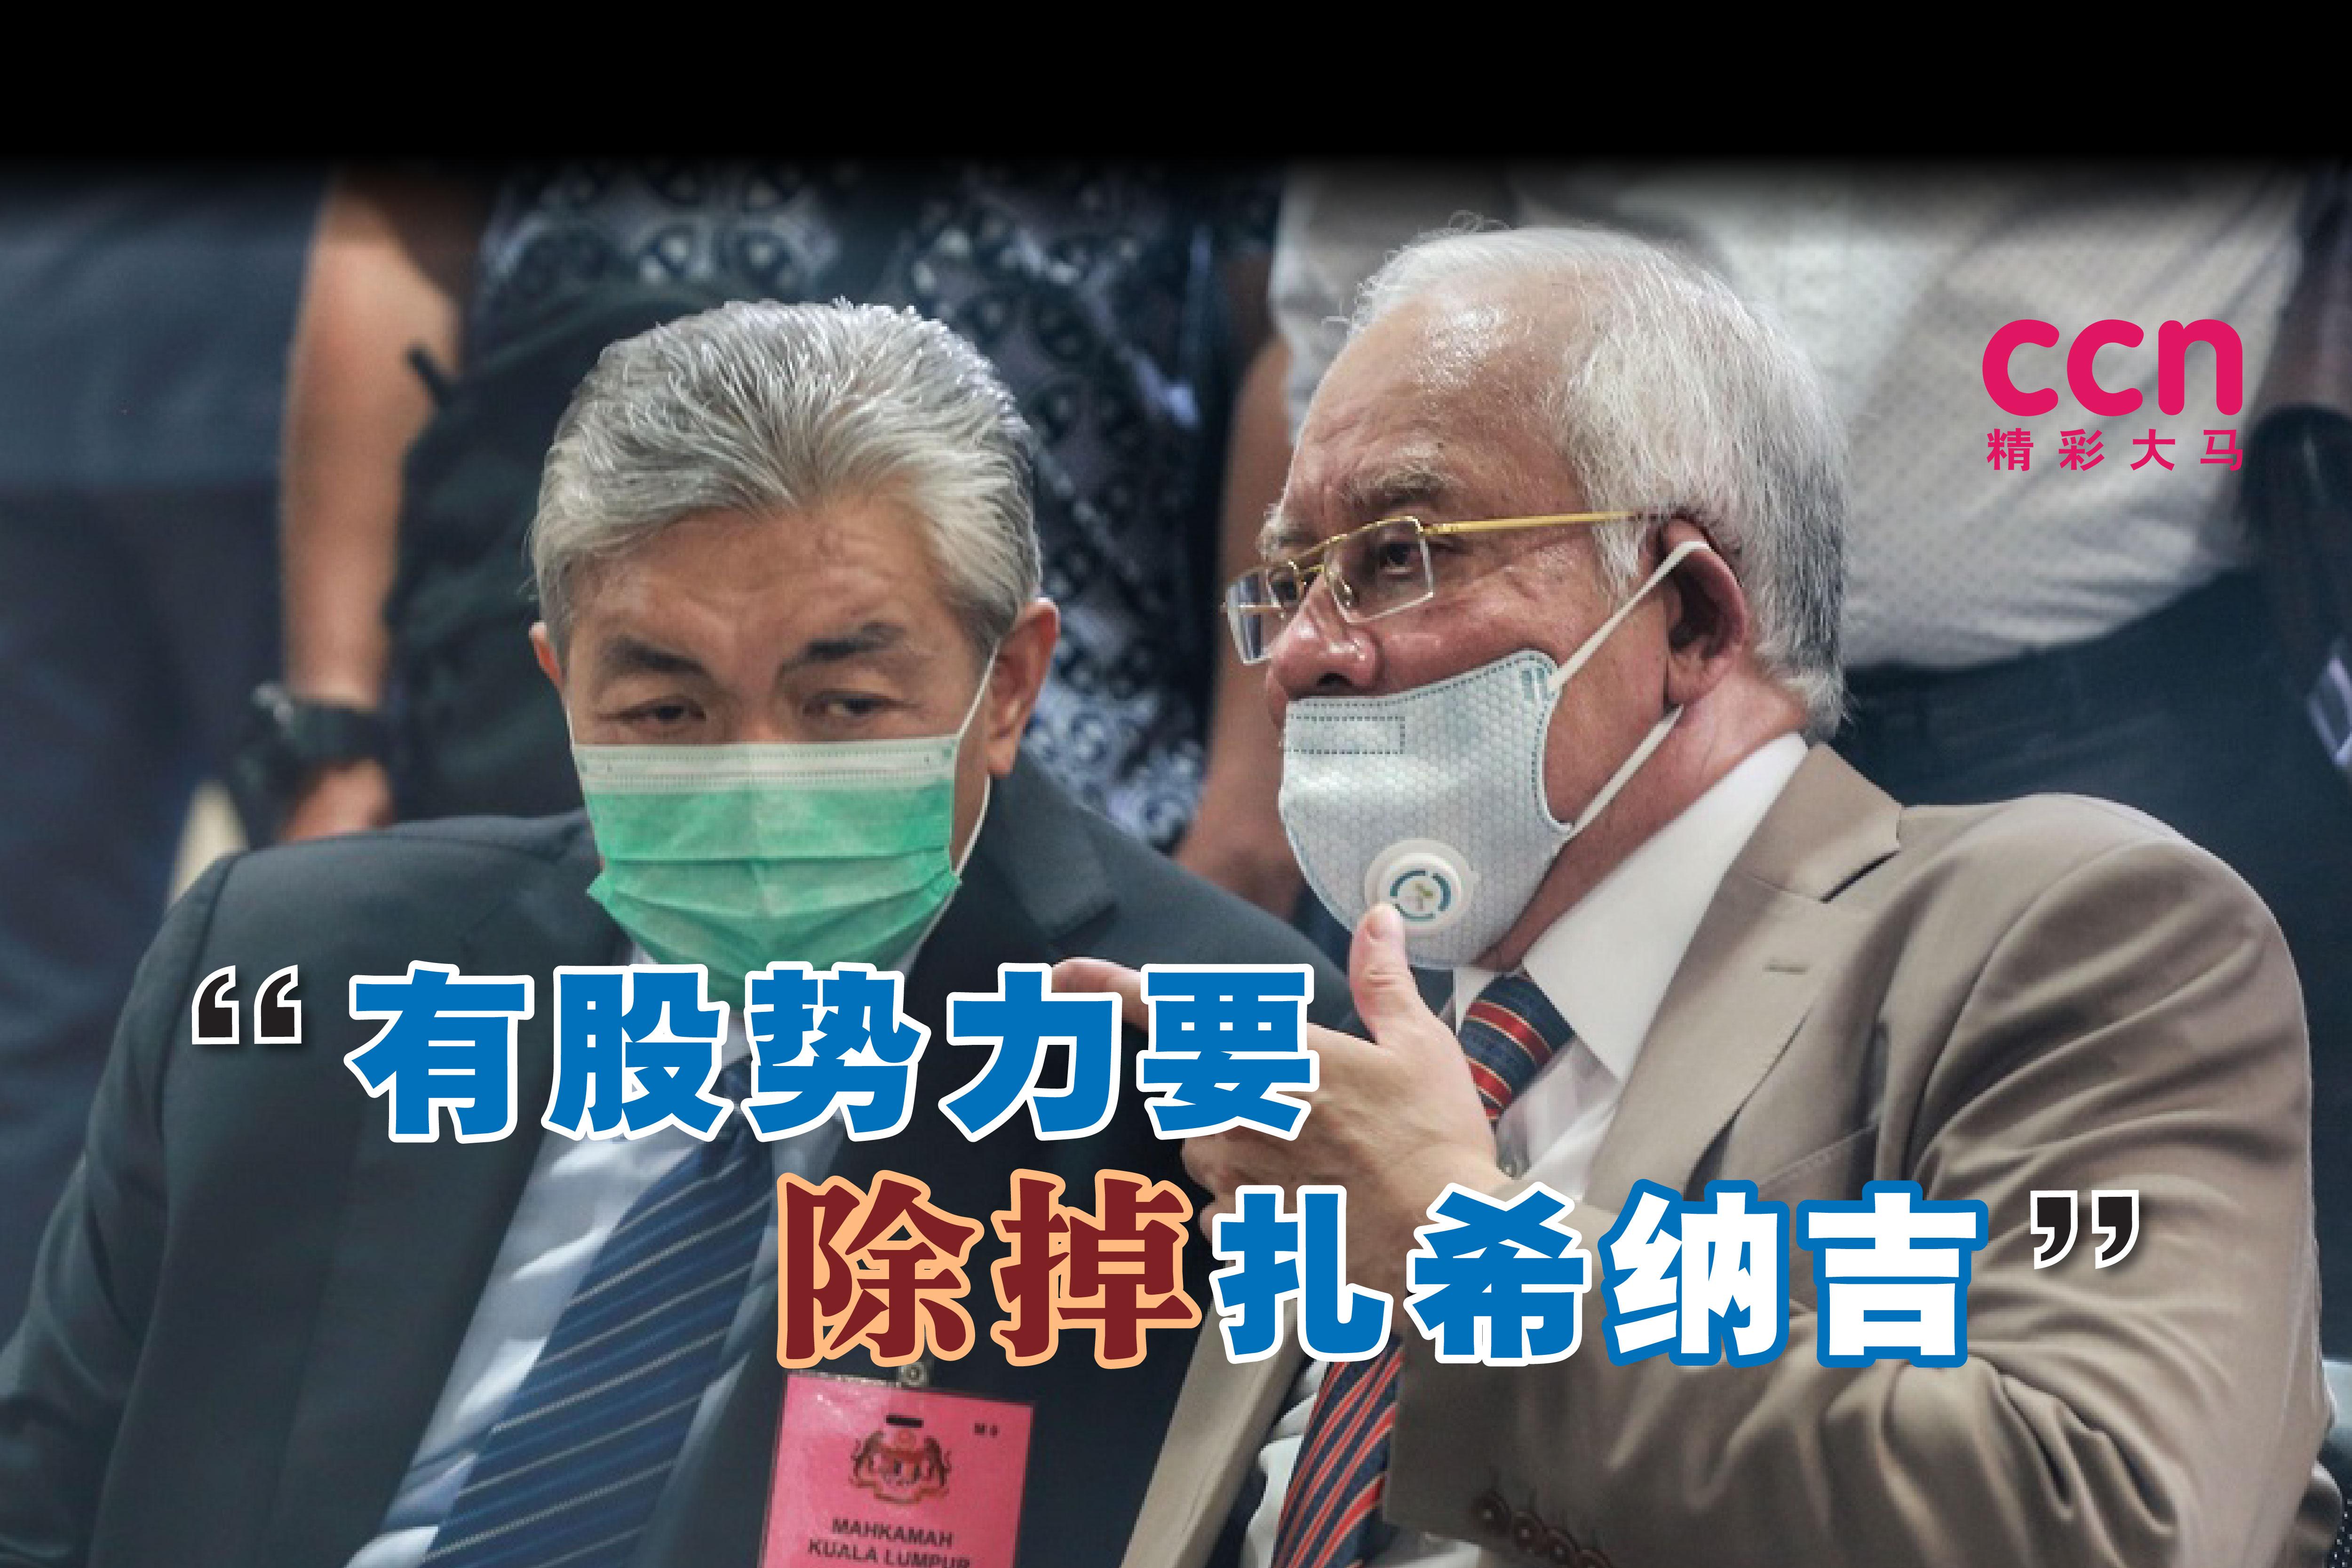 巫统内部消息指,党内有股势力企图在8月前,除掉阿末扎希和纳吉。-精彩大马制图-